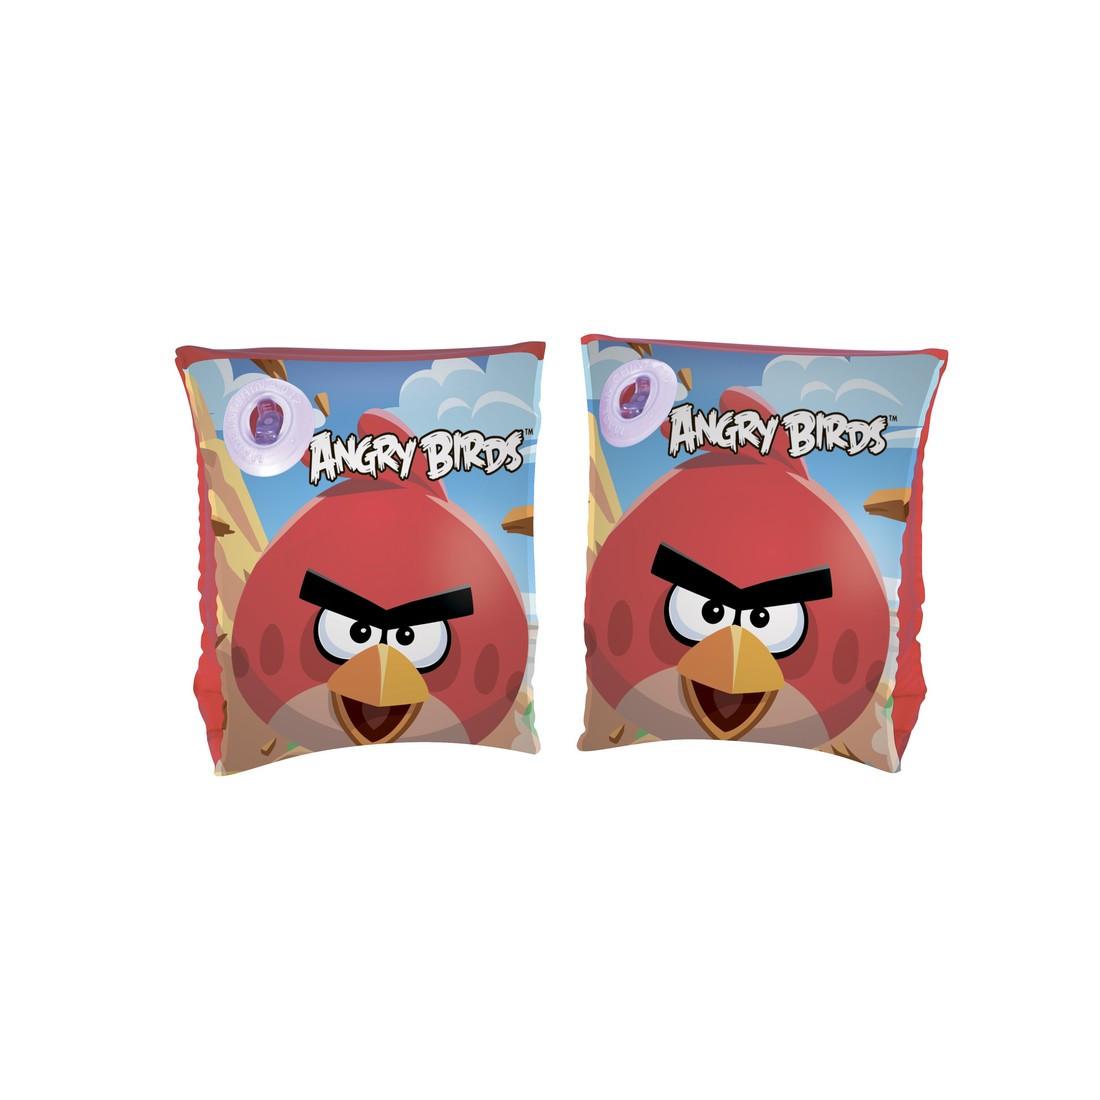 Нарукавники для плавания Angry Birds 25 x 15 см BESTWAY 96100 Винил Красный Цветная коробка